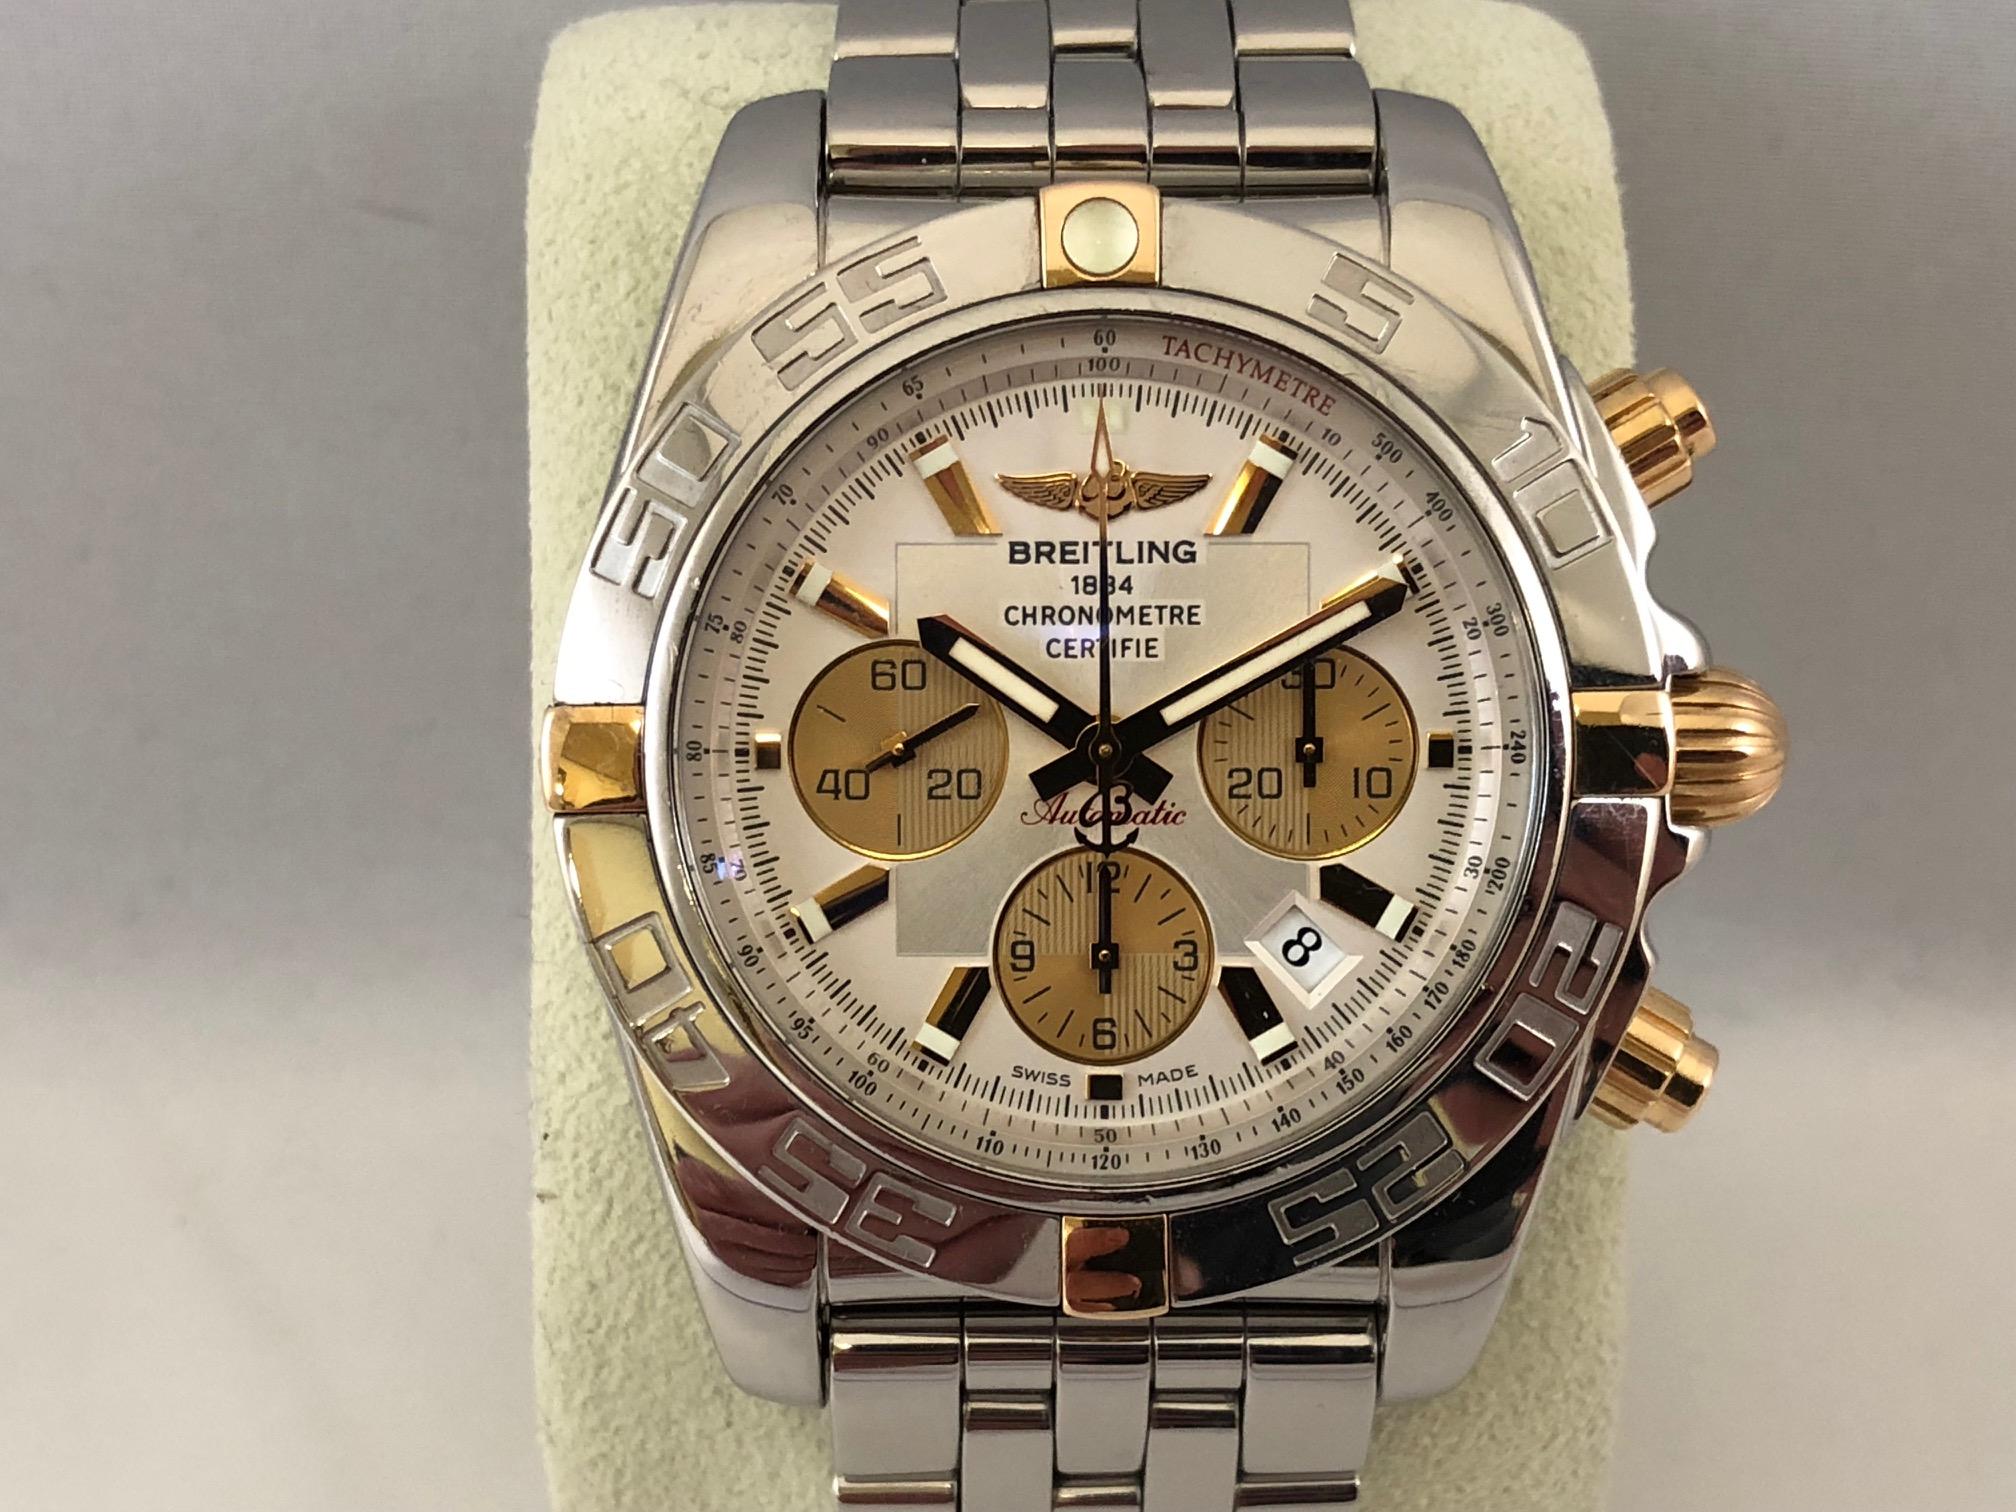 Thu mua đồng hồ cũ Breitling